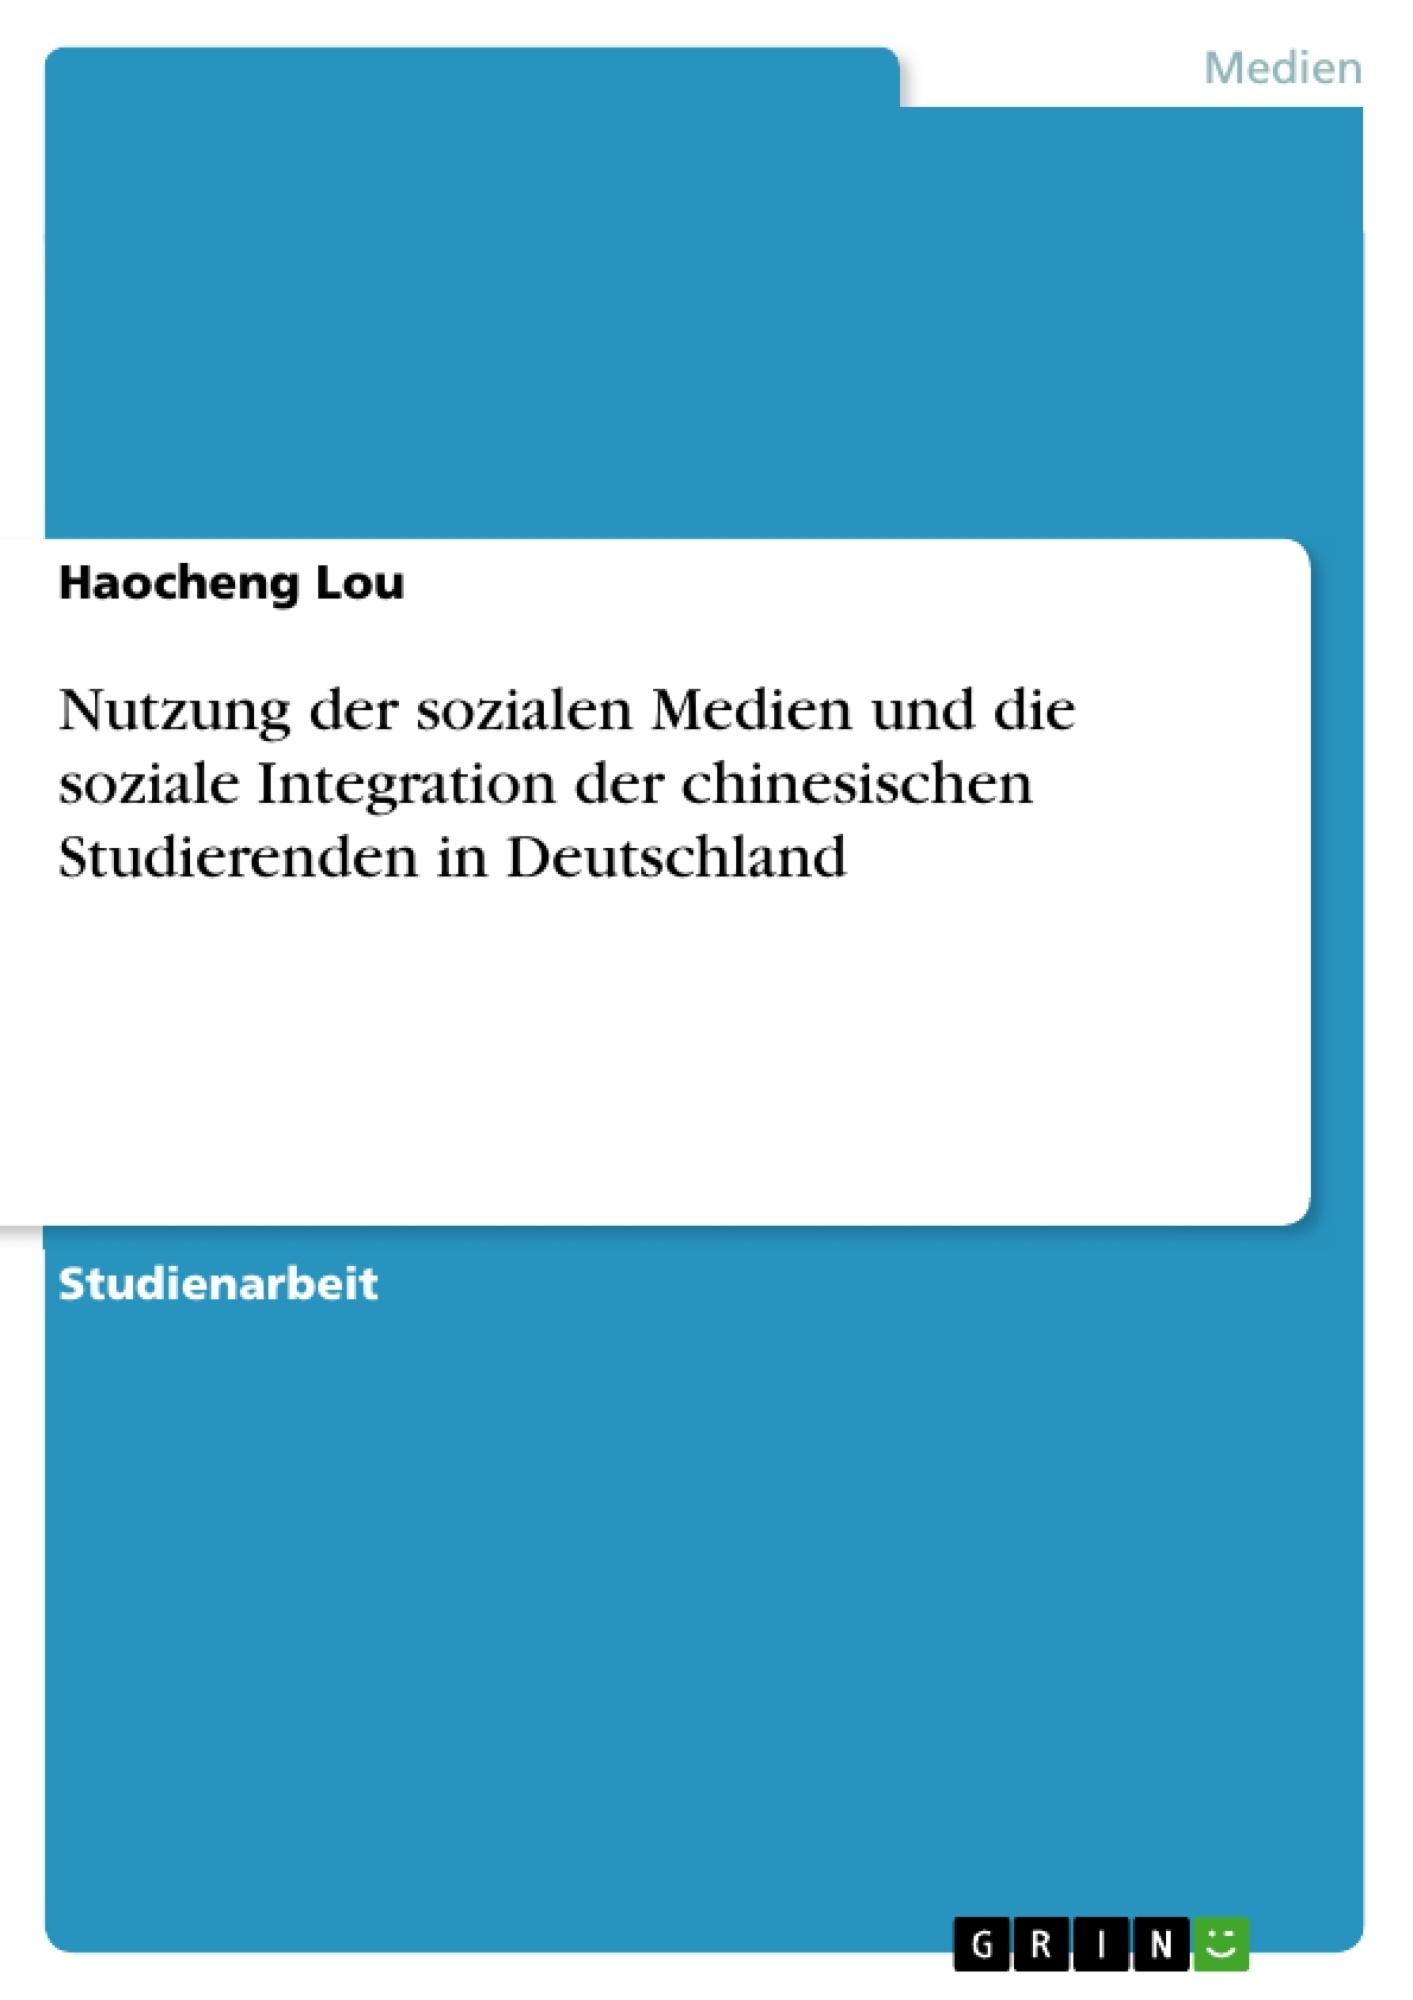 Titel: Nutzung der sozialen Medien und die soziale Integration der chinesischen Studierenden in Deutschland